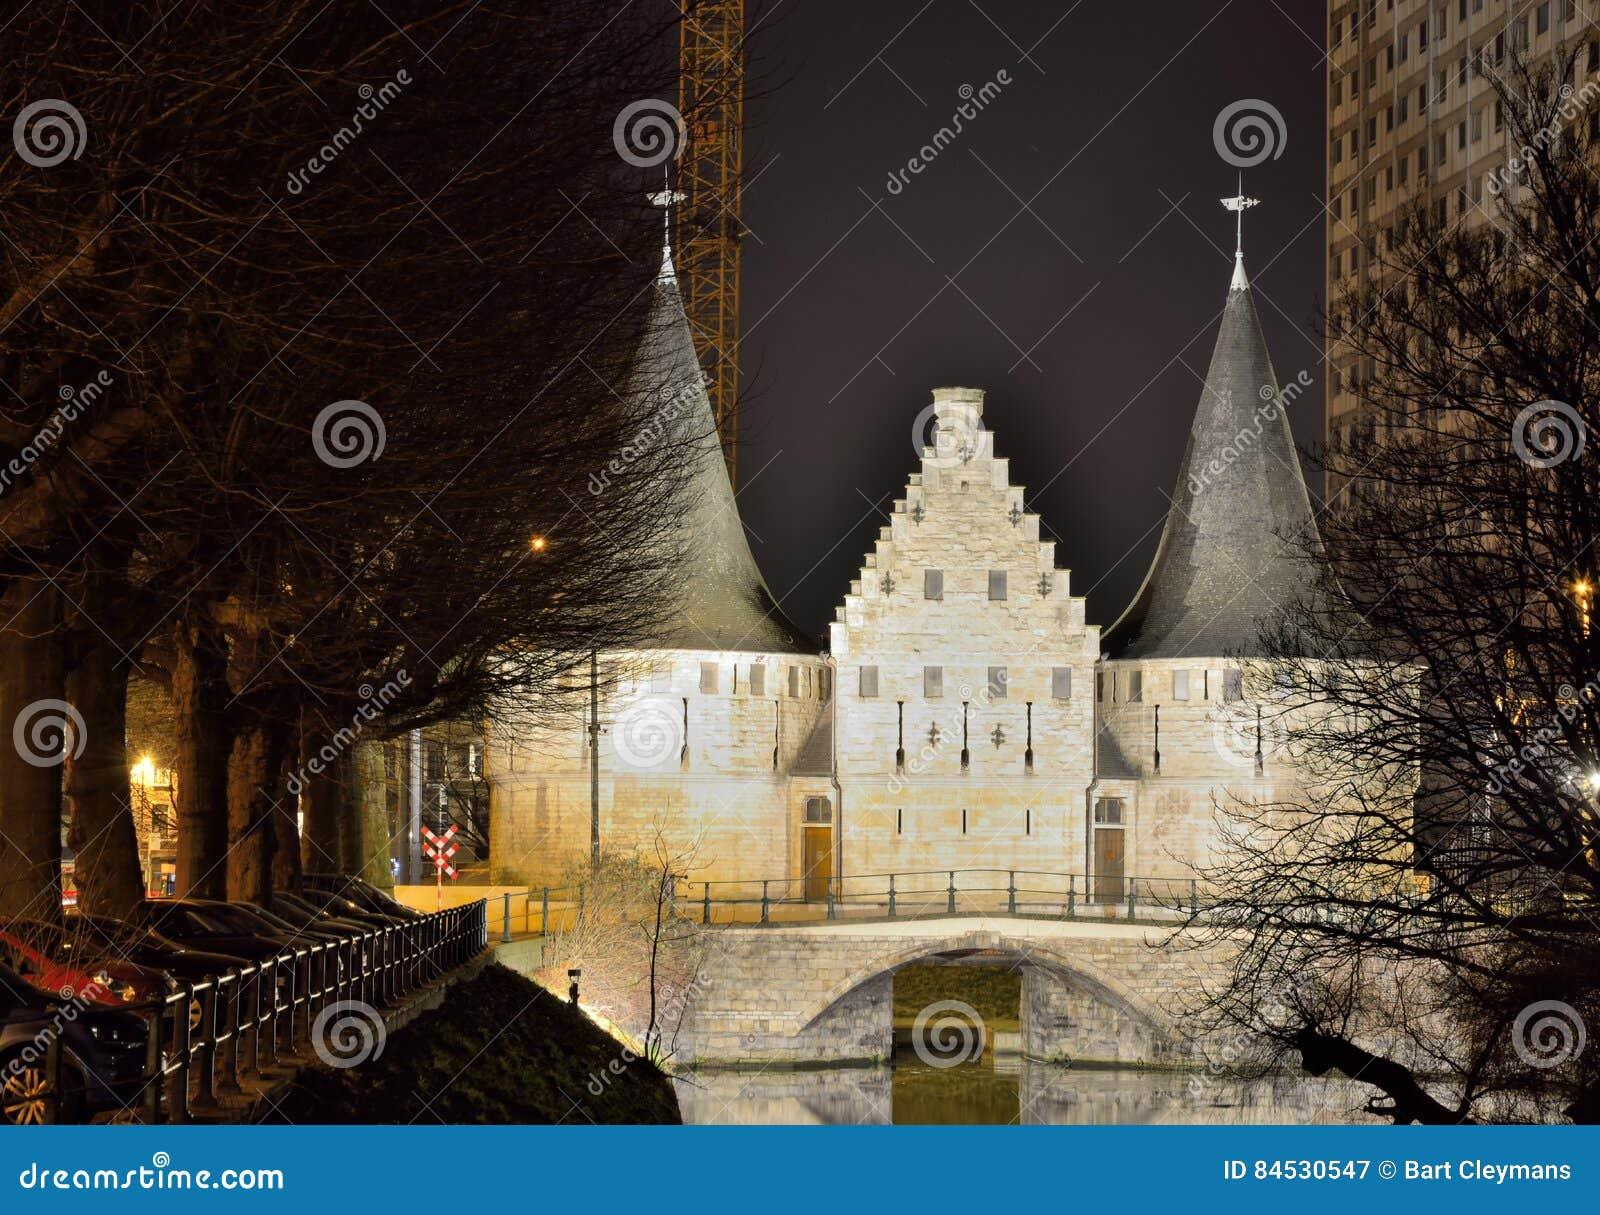 De historische bouw, rest van een middeleeuwse verdedigingsmuur